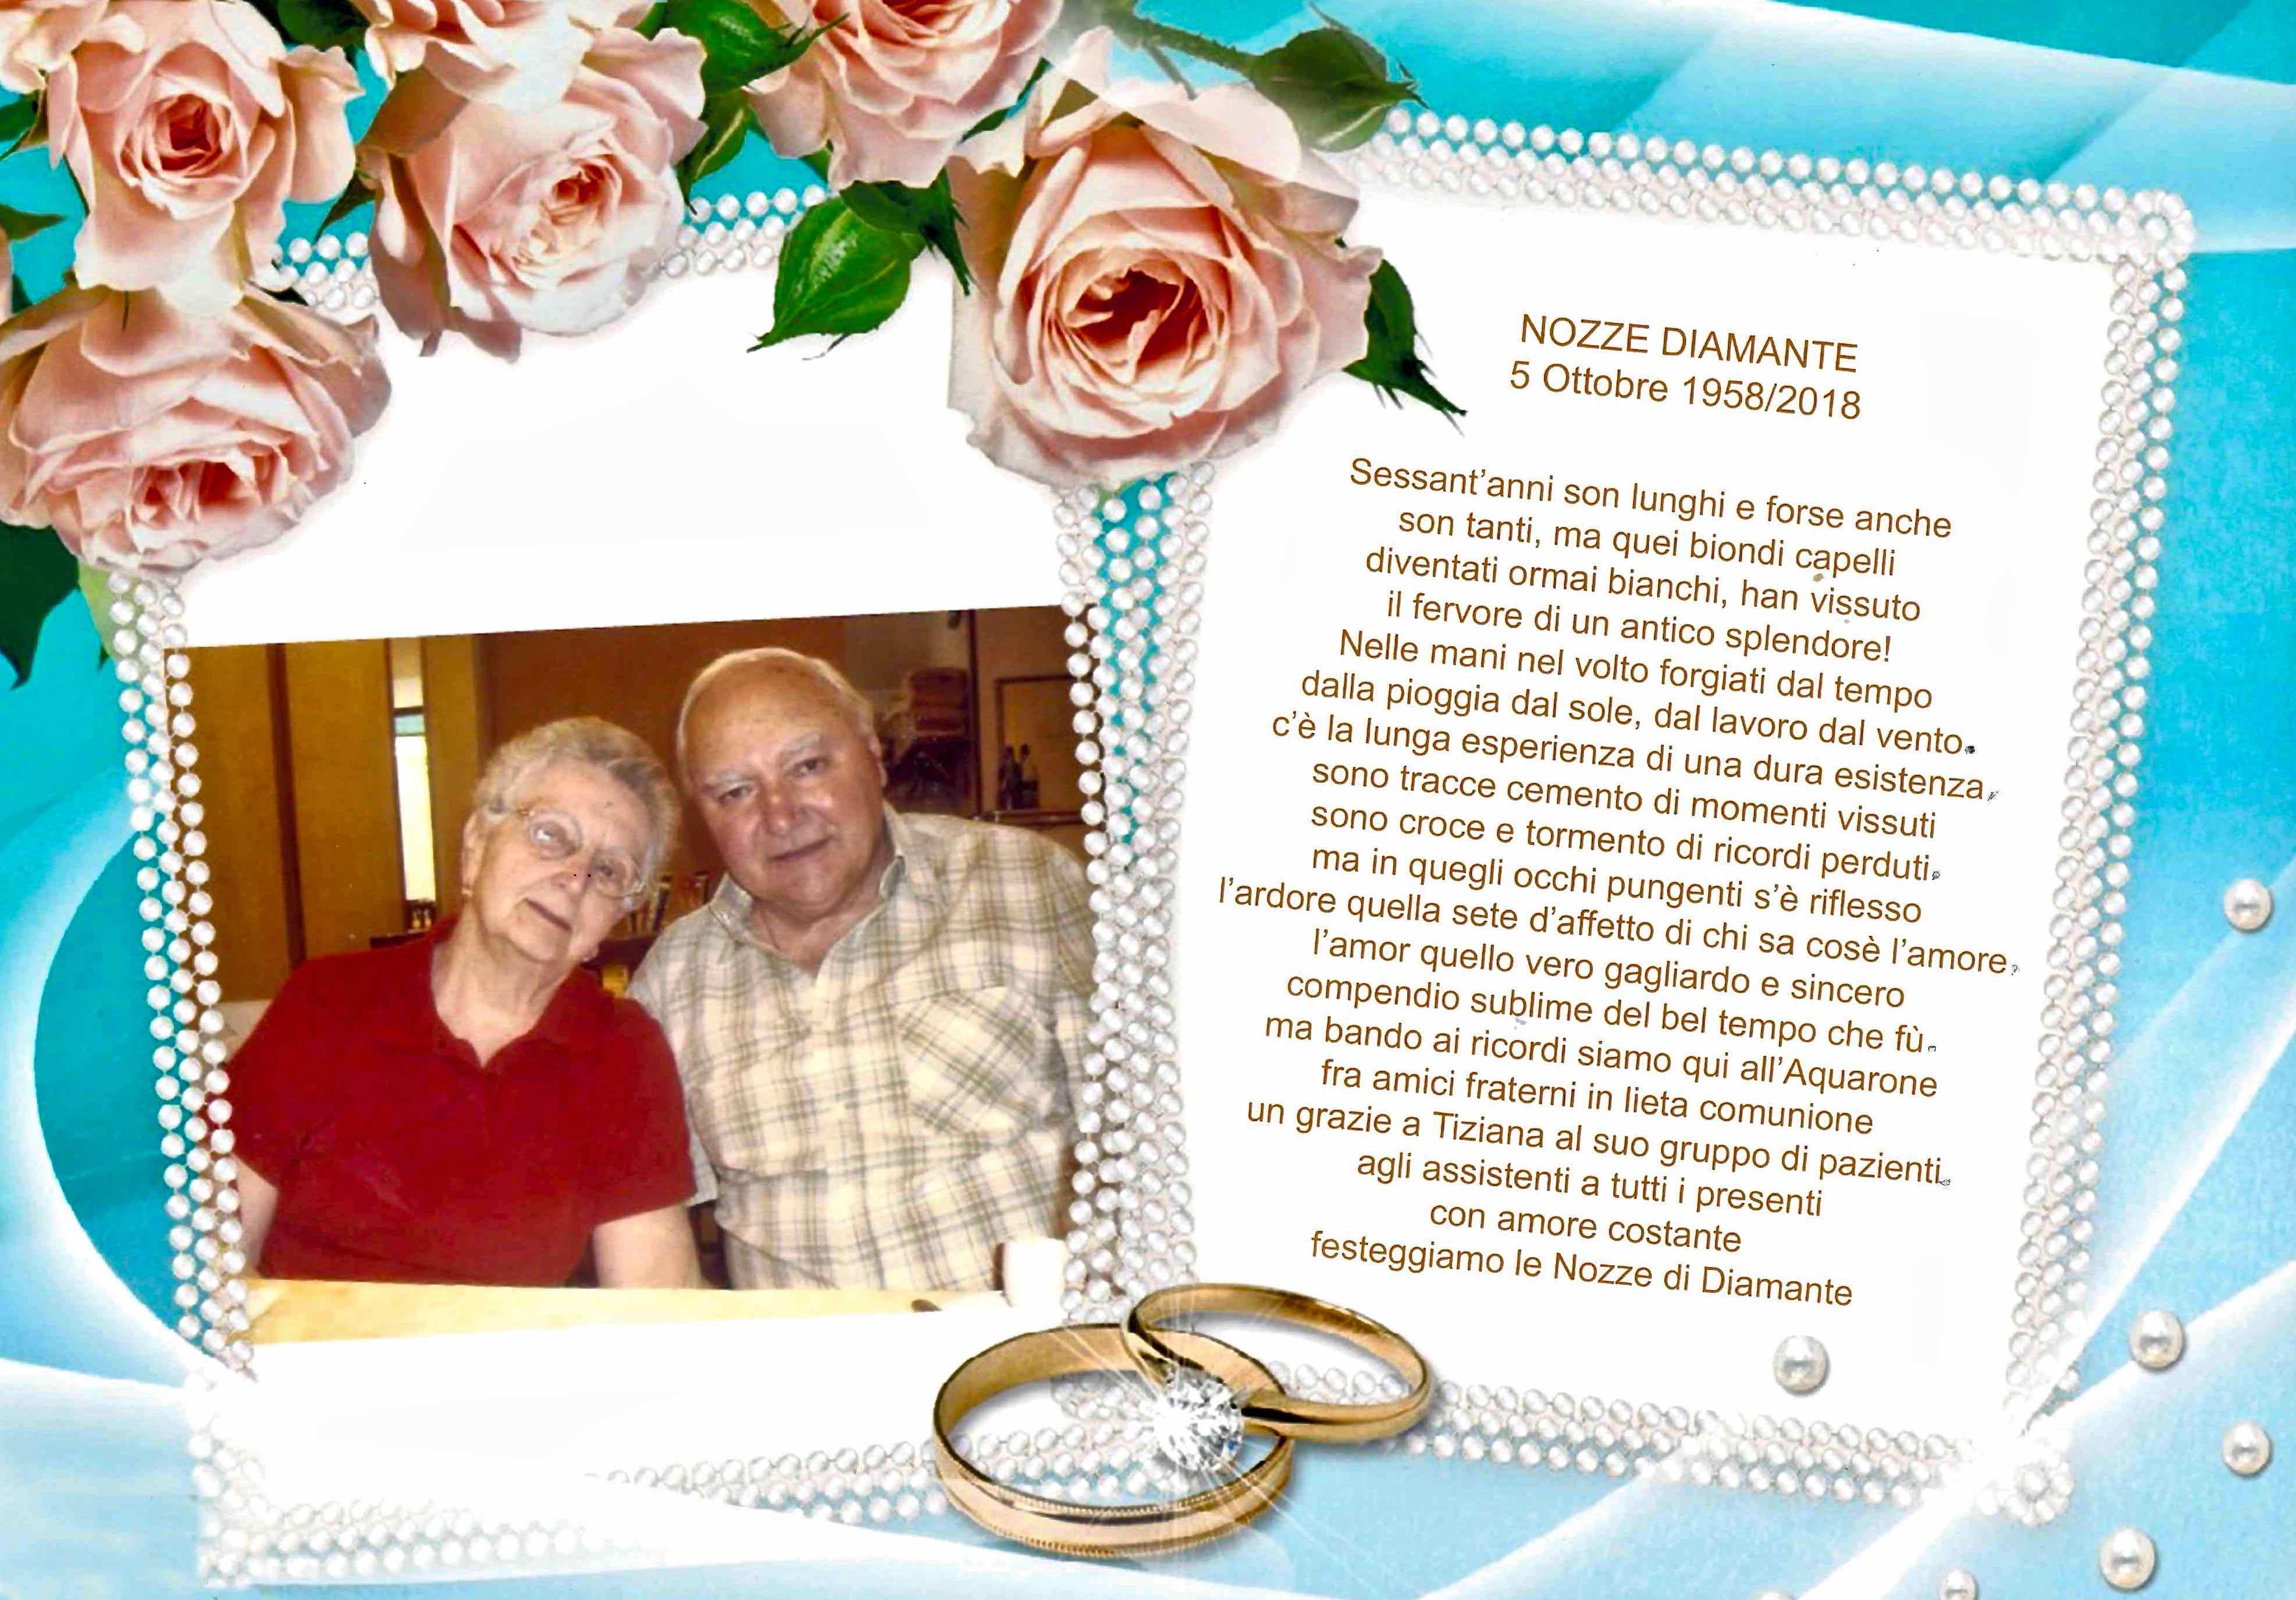 Anniversario di nozze Maddalena e Sandro